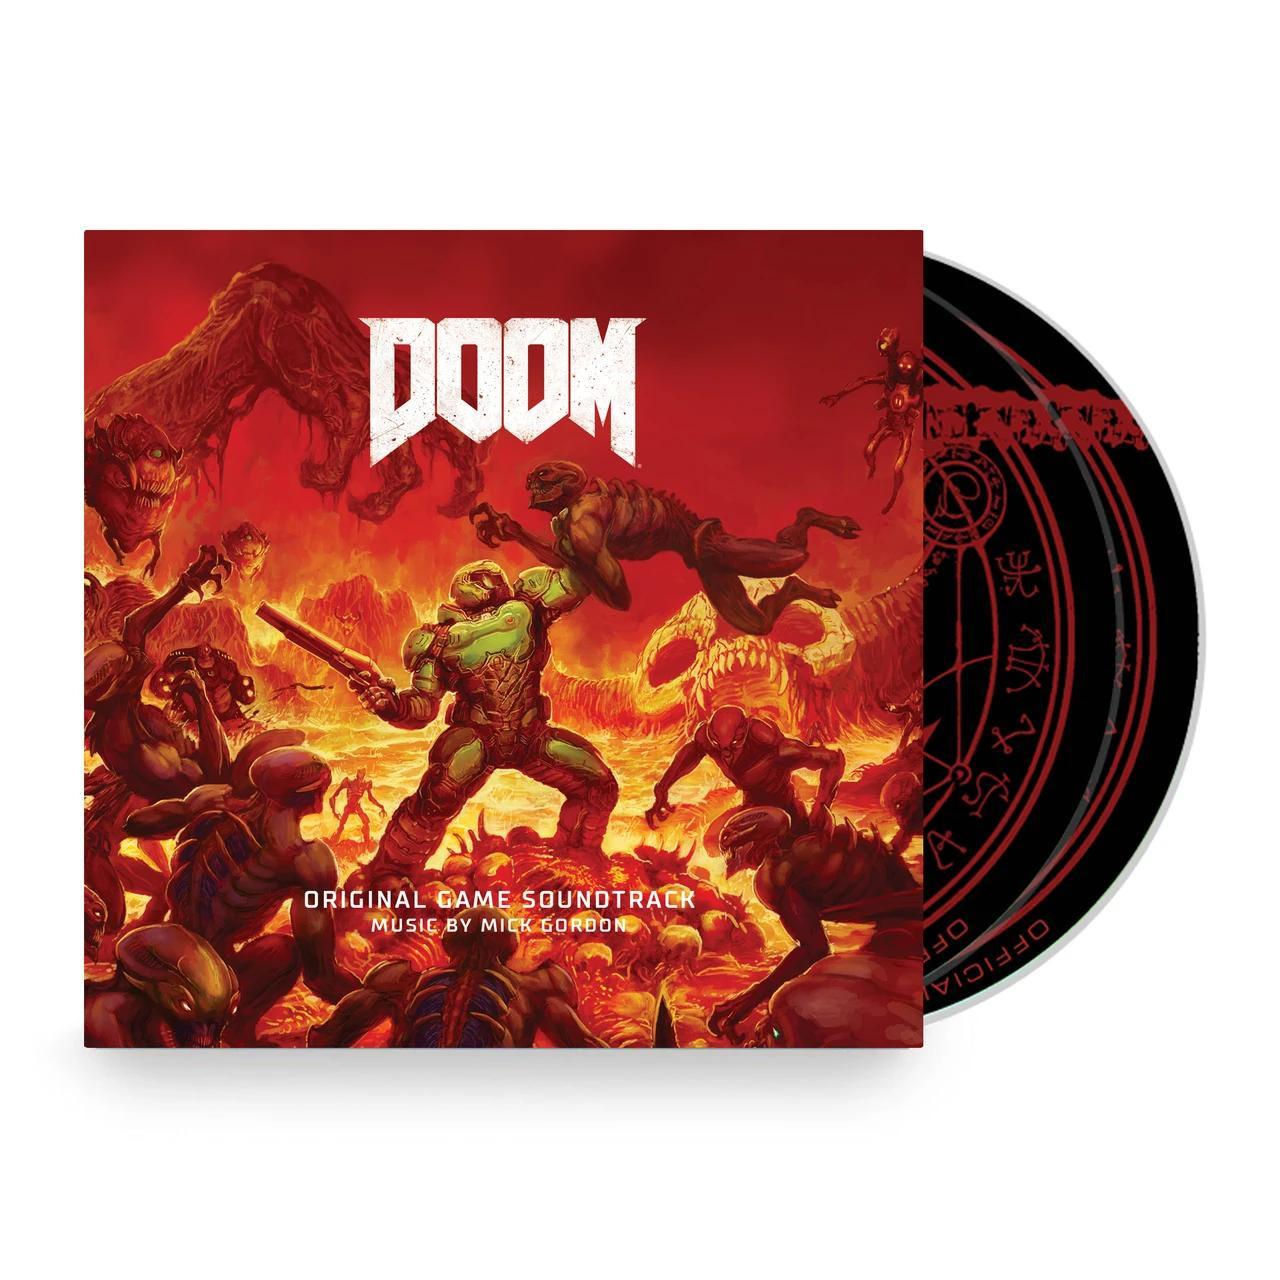 Oficiální soundtrack DOOM na CD